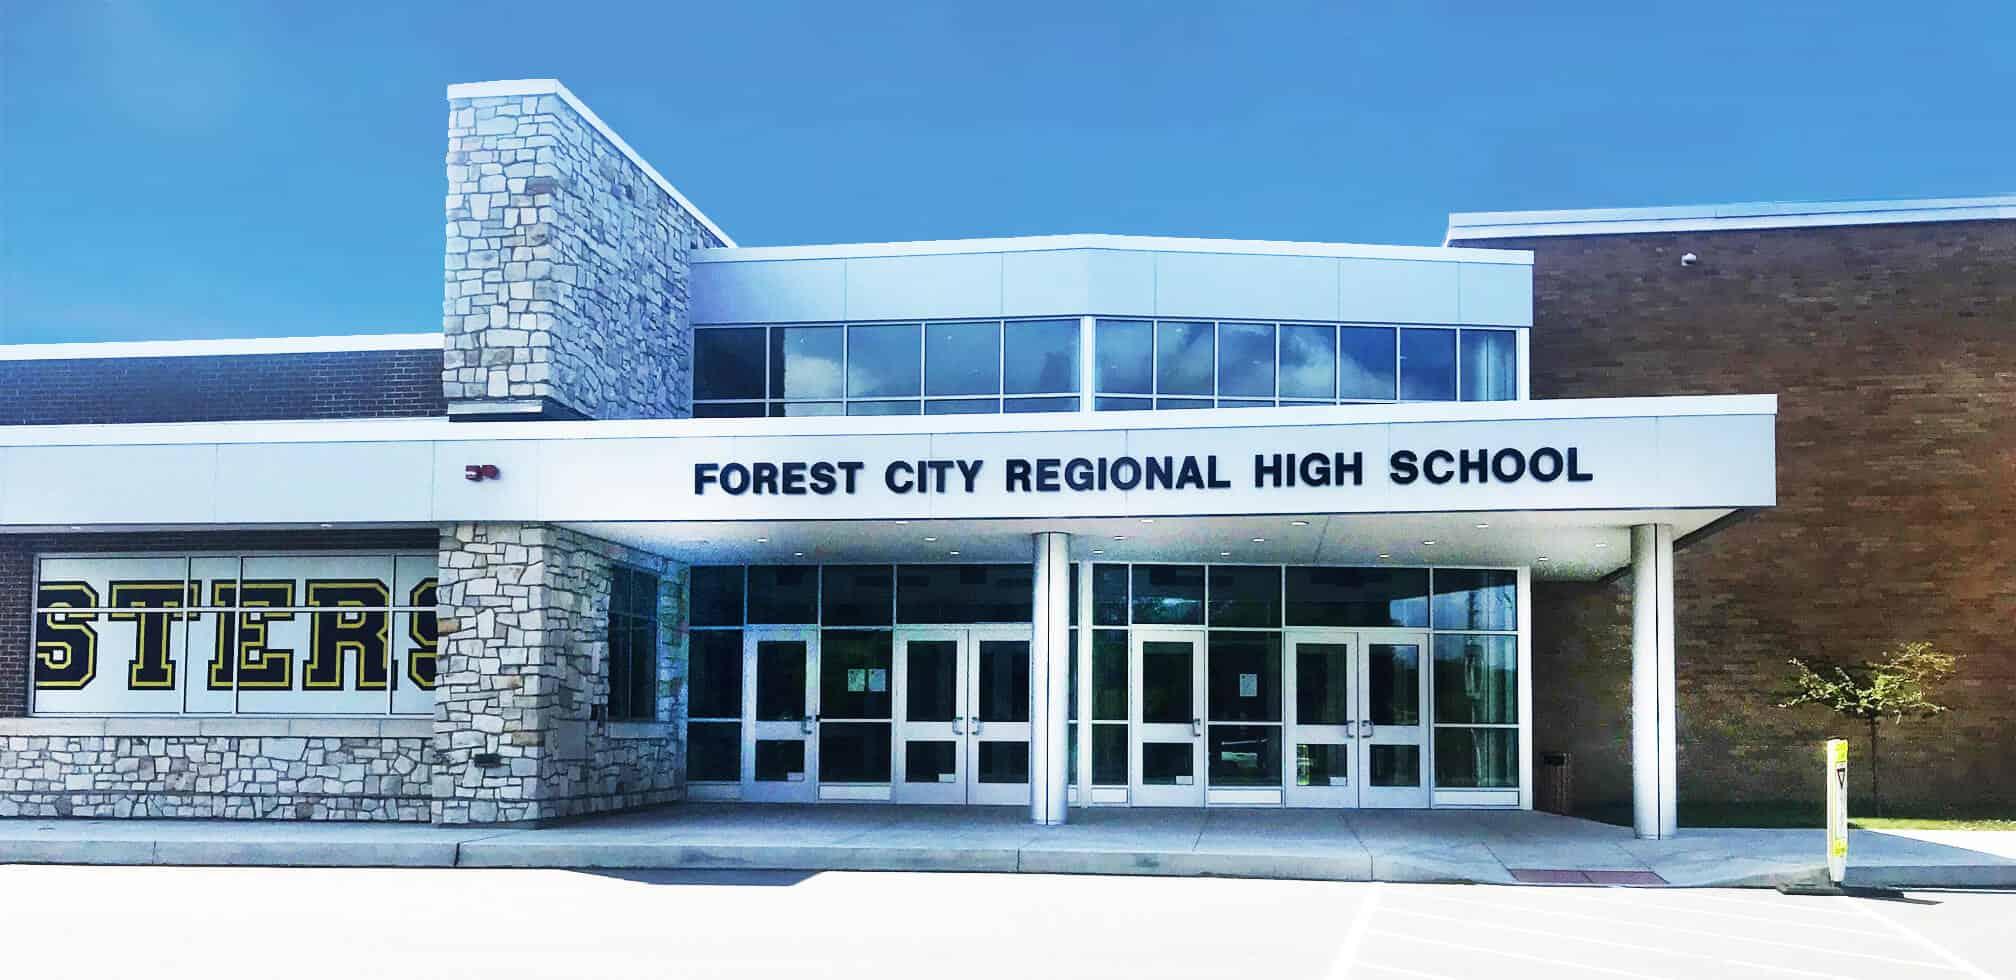 Prosper forest city